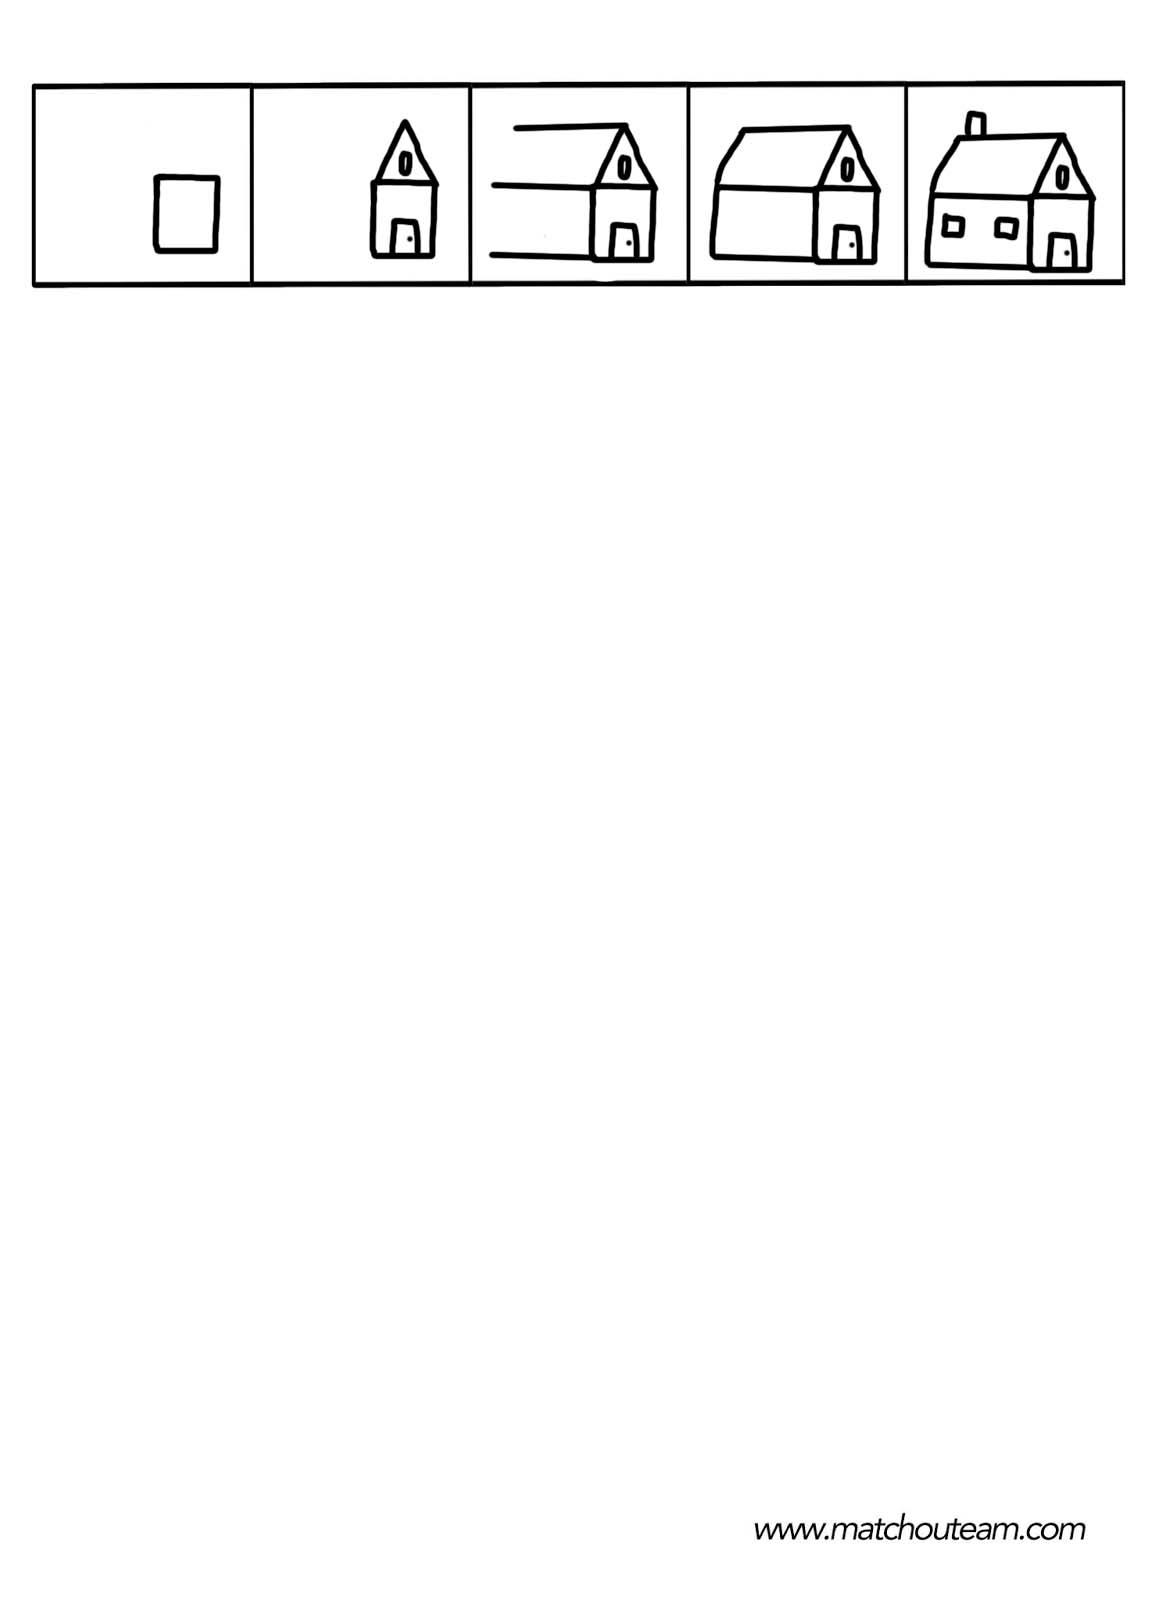 Dessiner ma maison en ligne 15 des logiciels 3d de plans for Dessiner sa maison en 3d gratuit en ligne